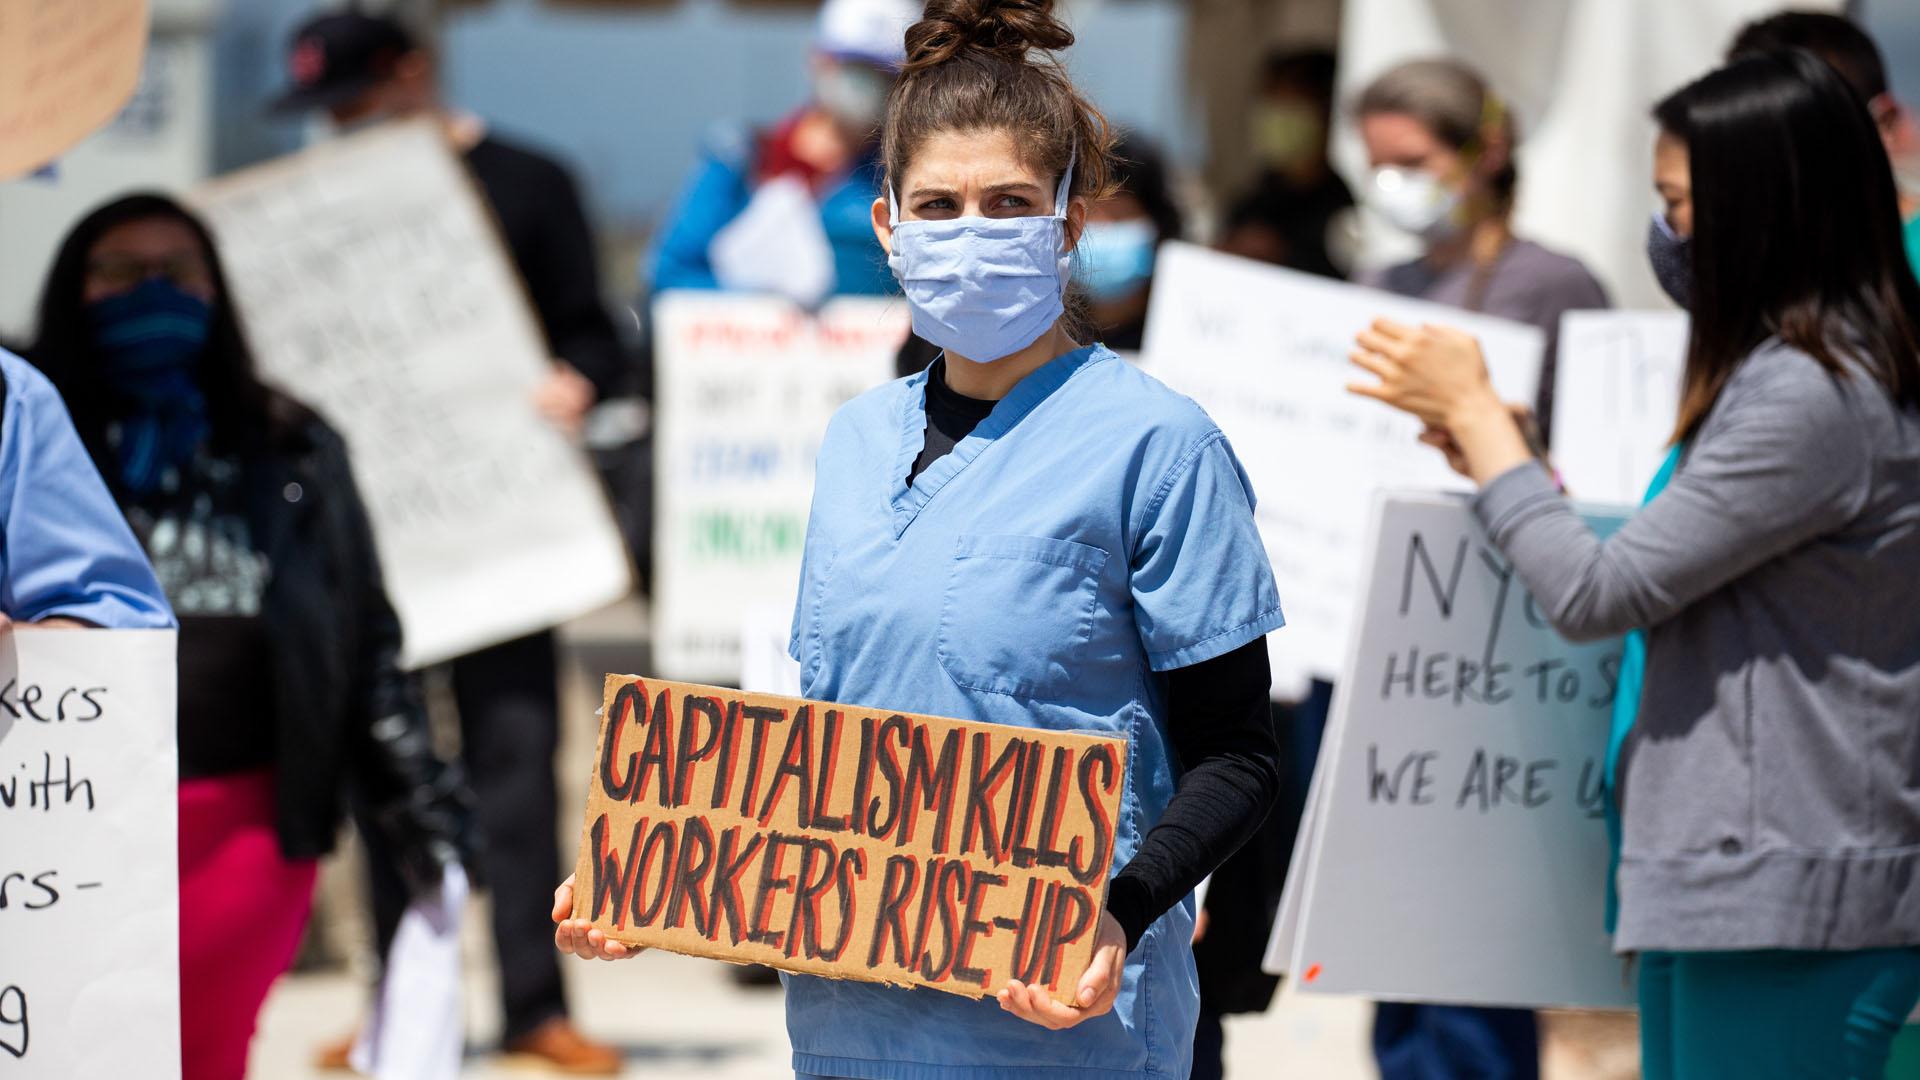 Az Amazon dolgozói tüntetnek a tarthatatlan munkakörülmények miatt